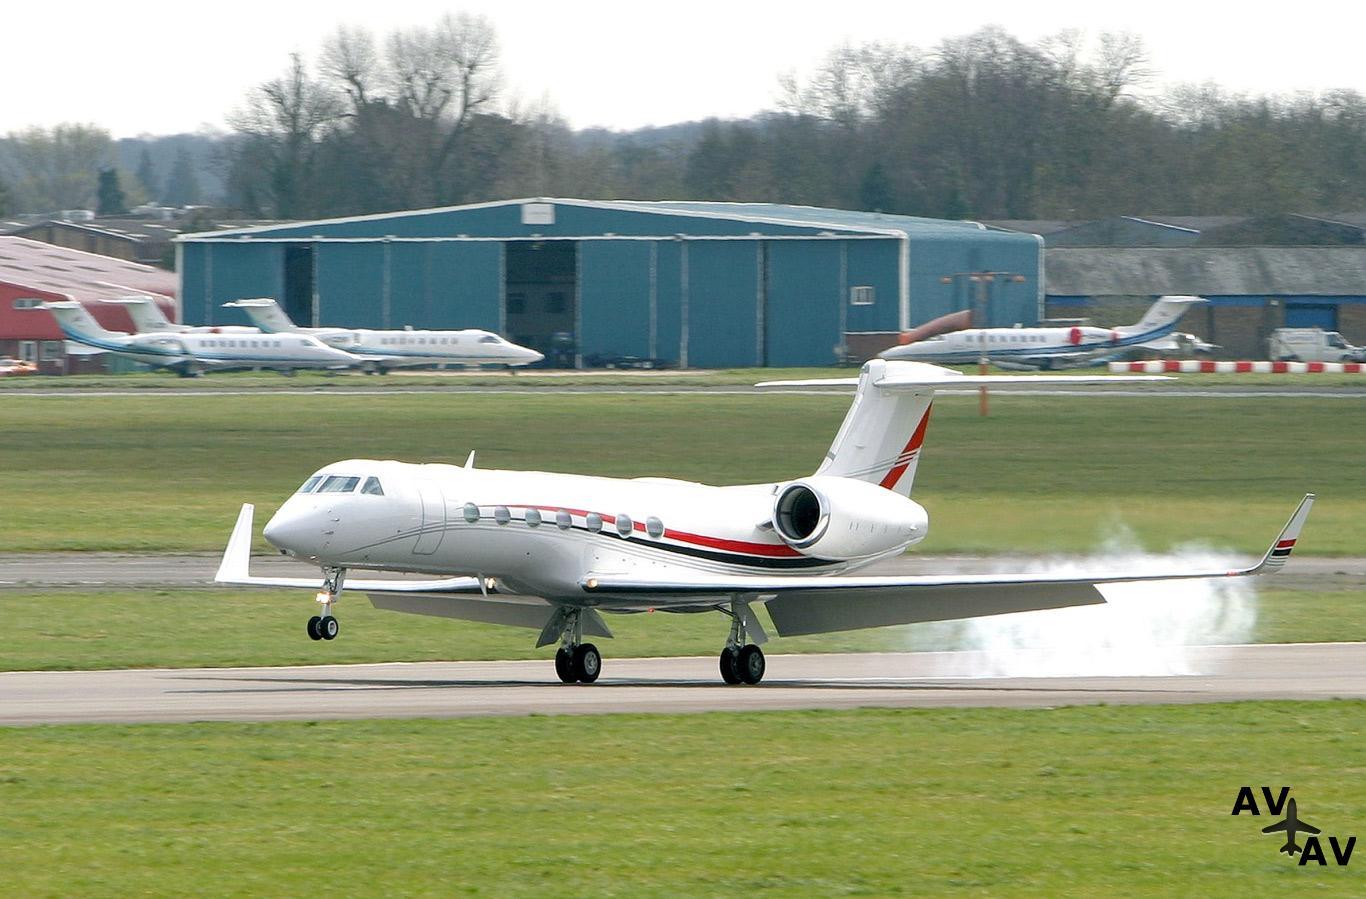 britanskaja-biznes-aviacija-stabilna-1545429